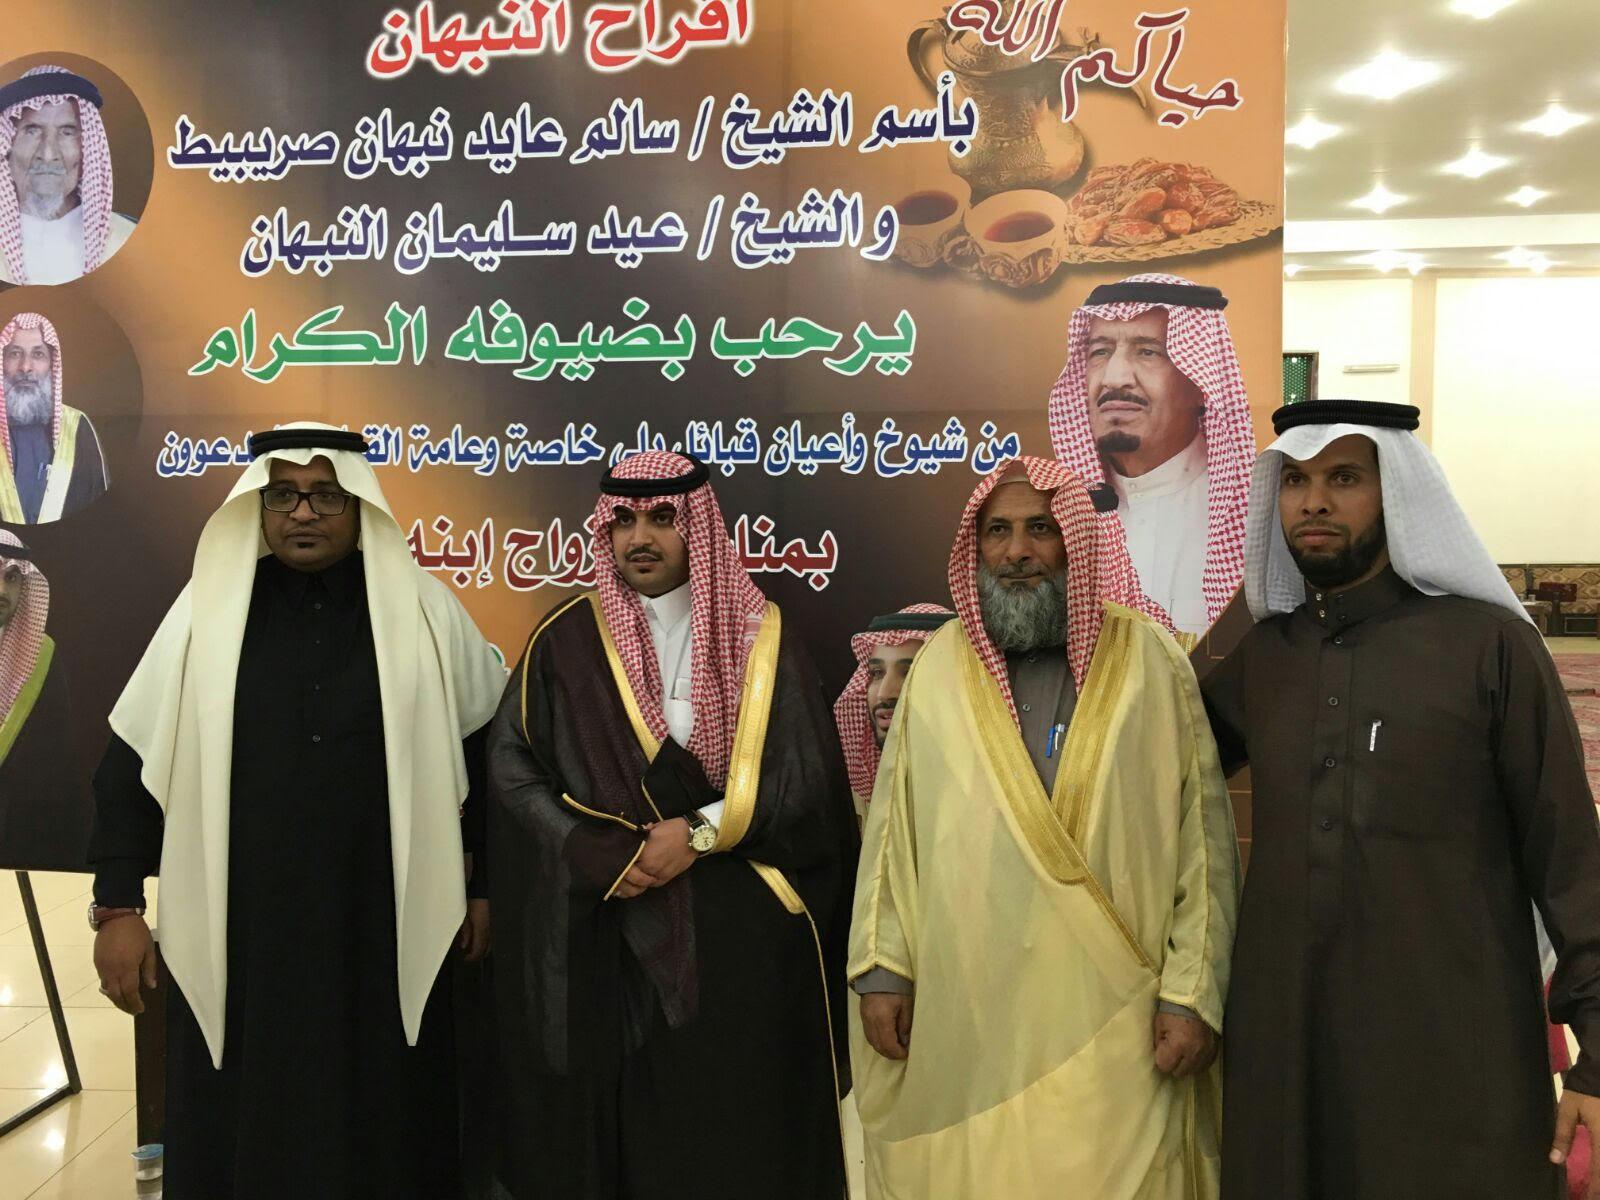 الشيخ-النبهان-يحتفل-بزفاف-ابنه (3)